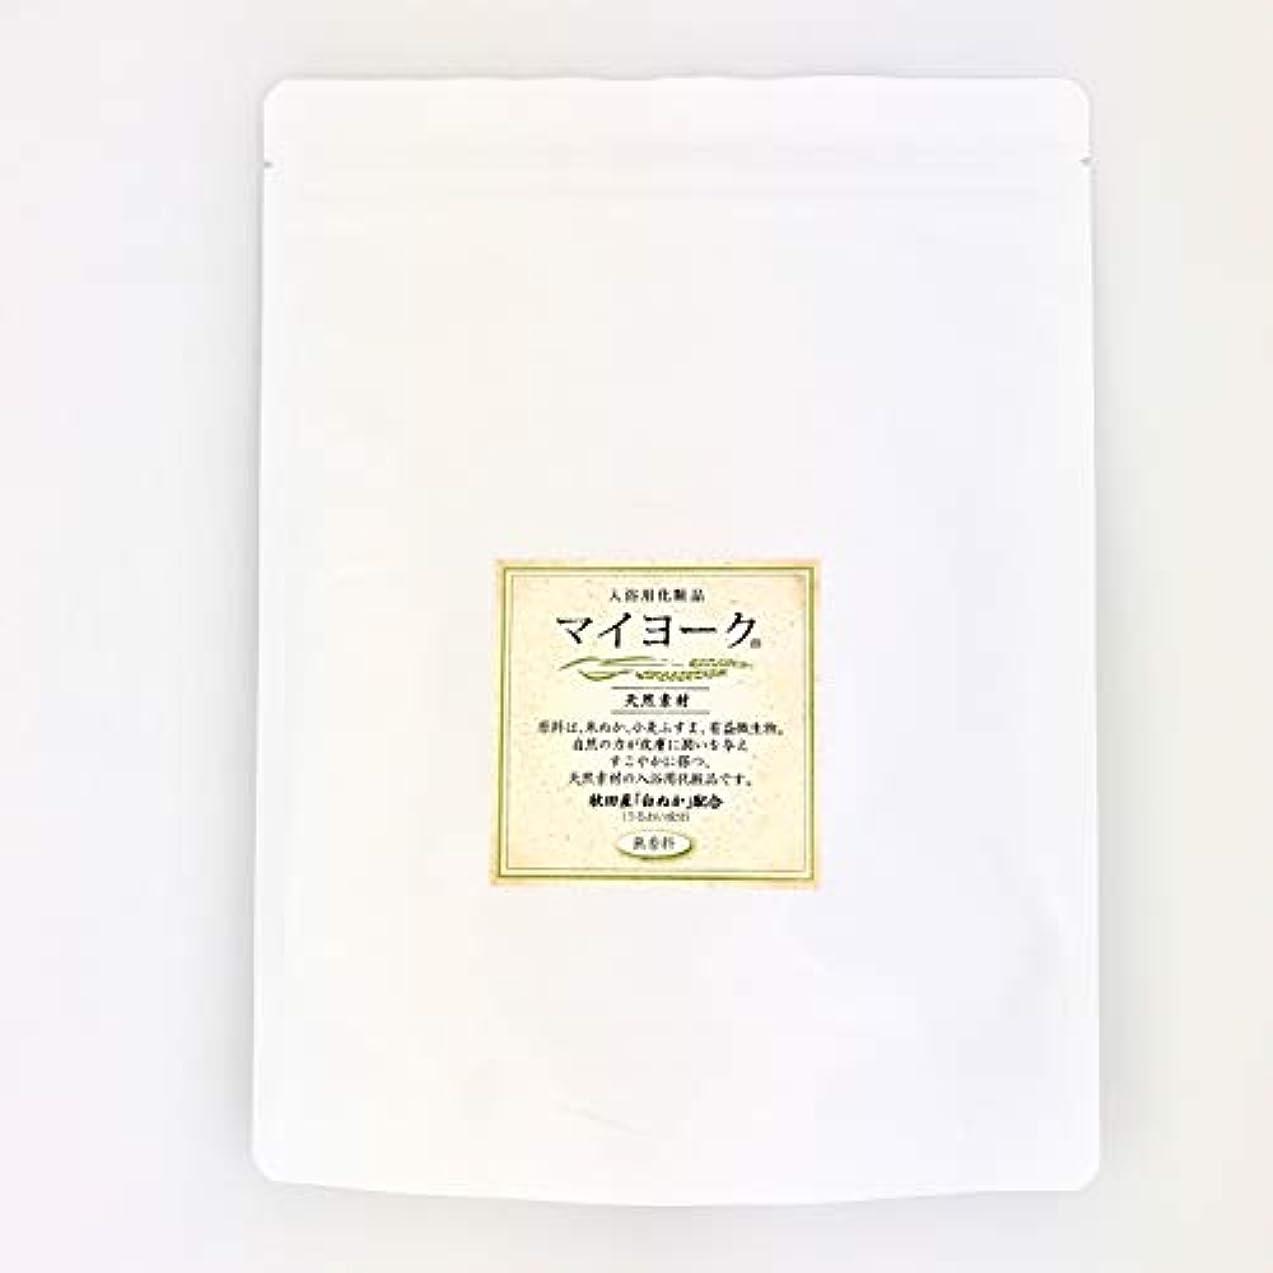 サーマルラッシュ一口入浴用化粧品マイヨーク 10個入